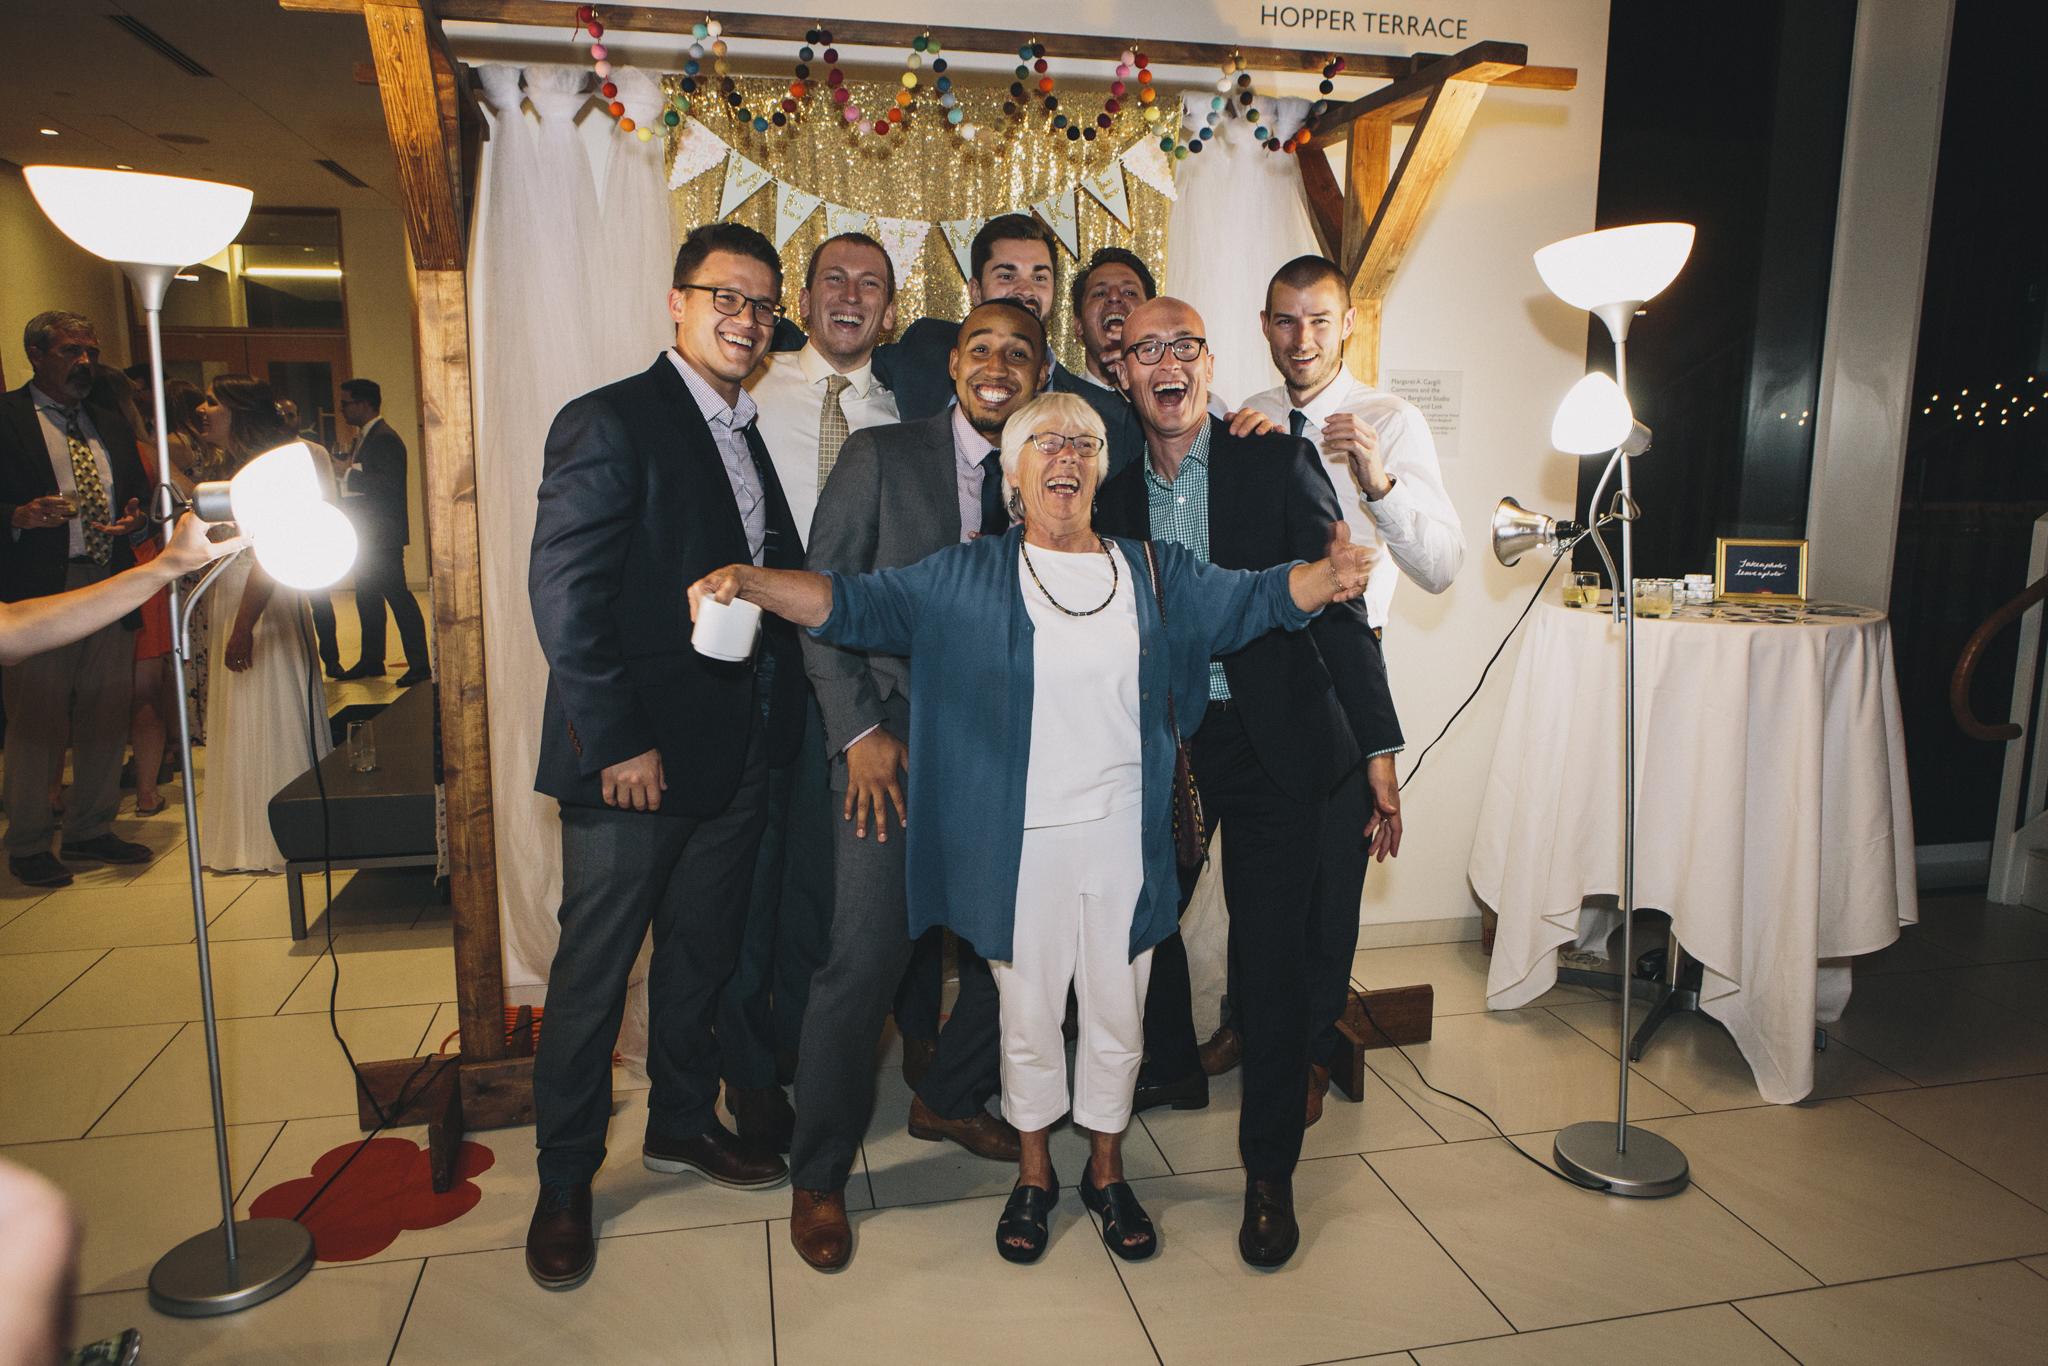 harlan_megmike_wedding_122.jpg